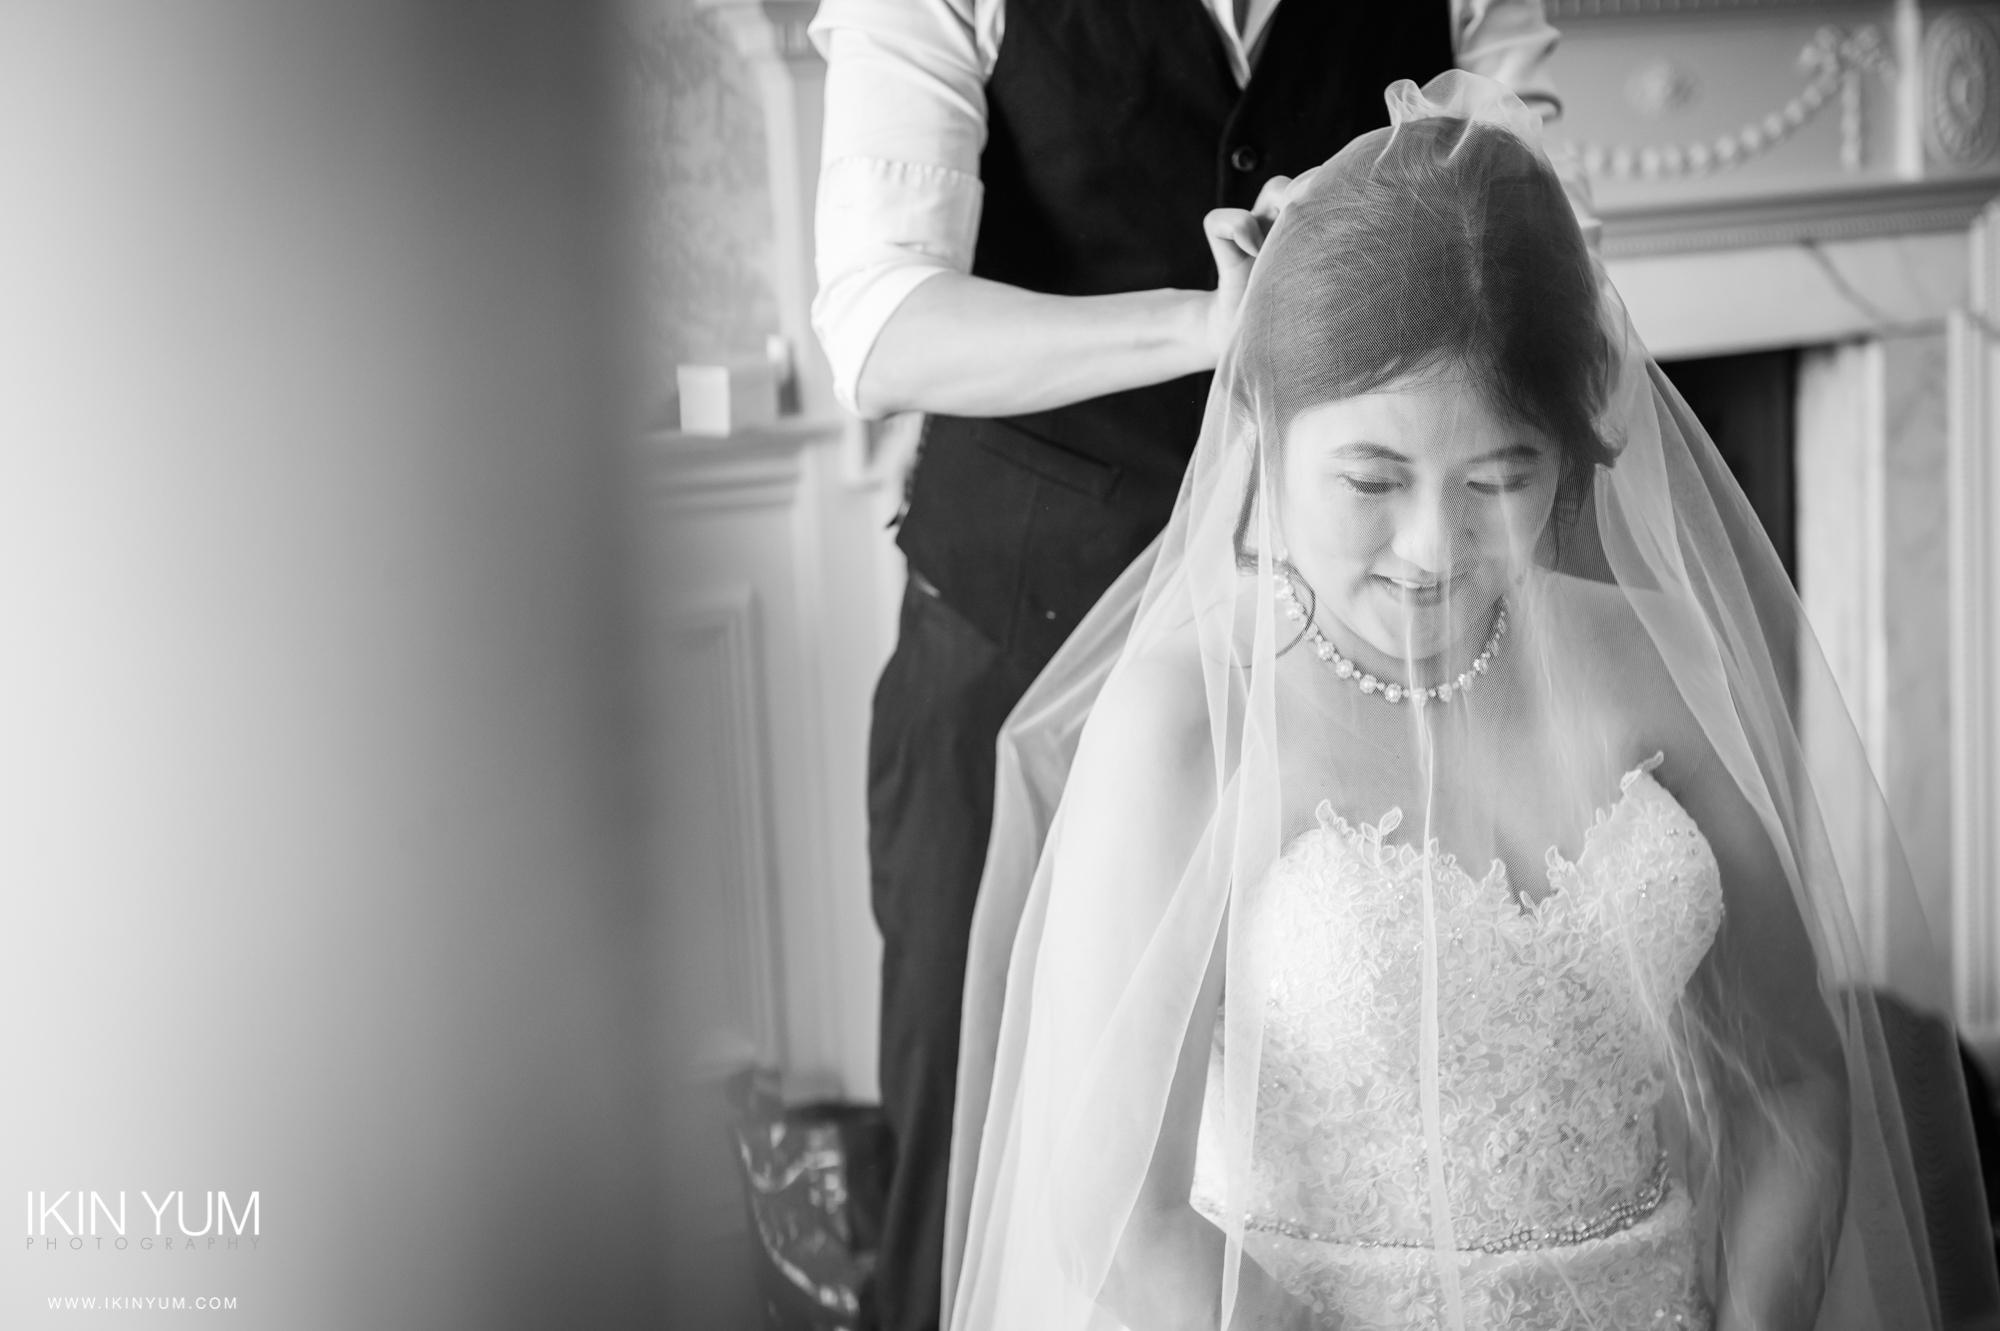 Teresa & Johnathan Weddong Day - Bridal Preparation-0149.jpg